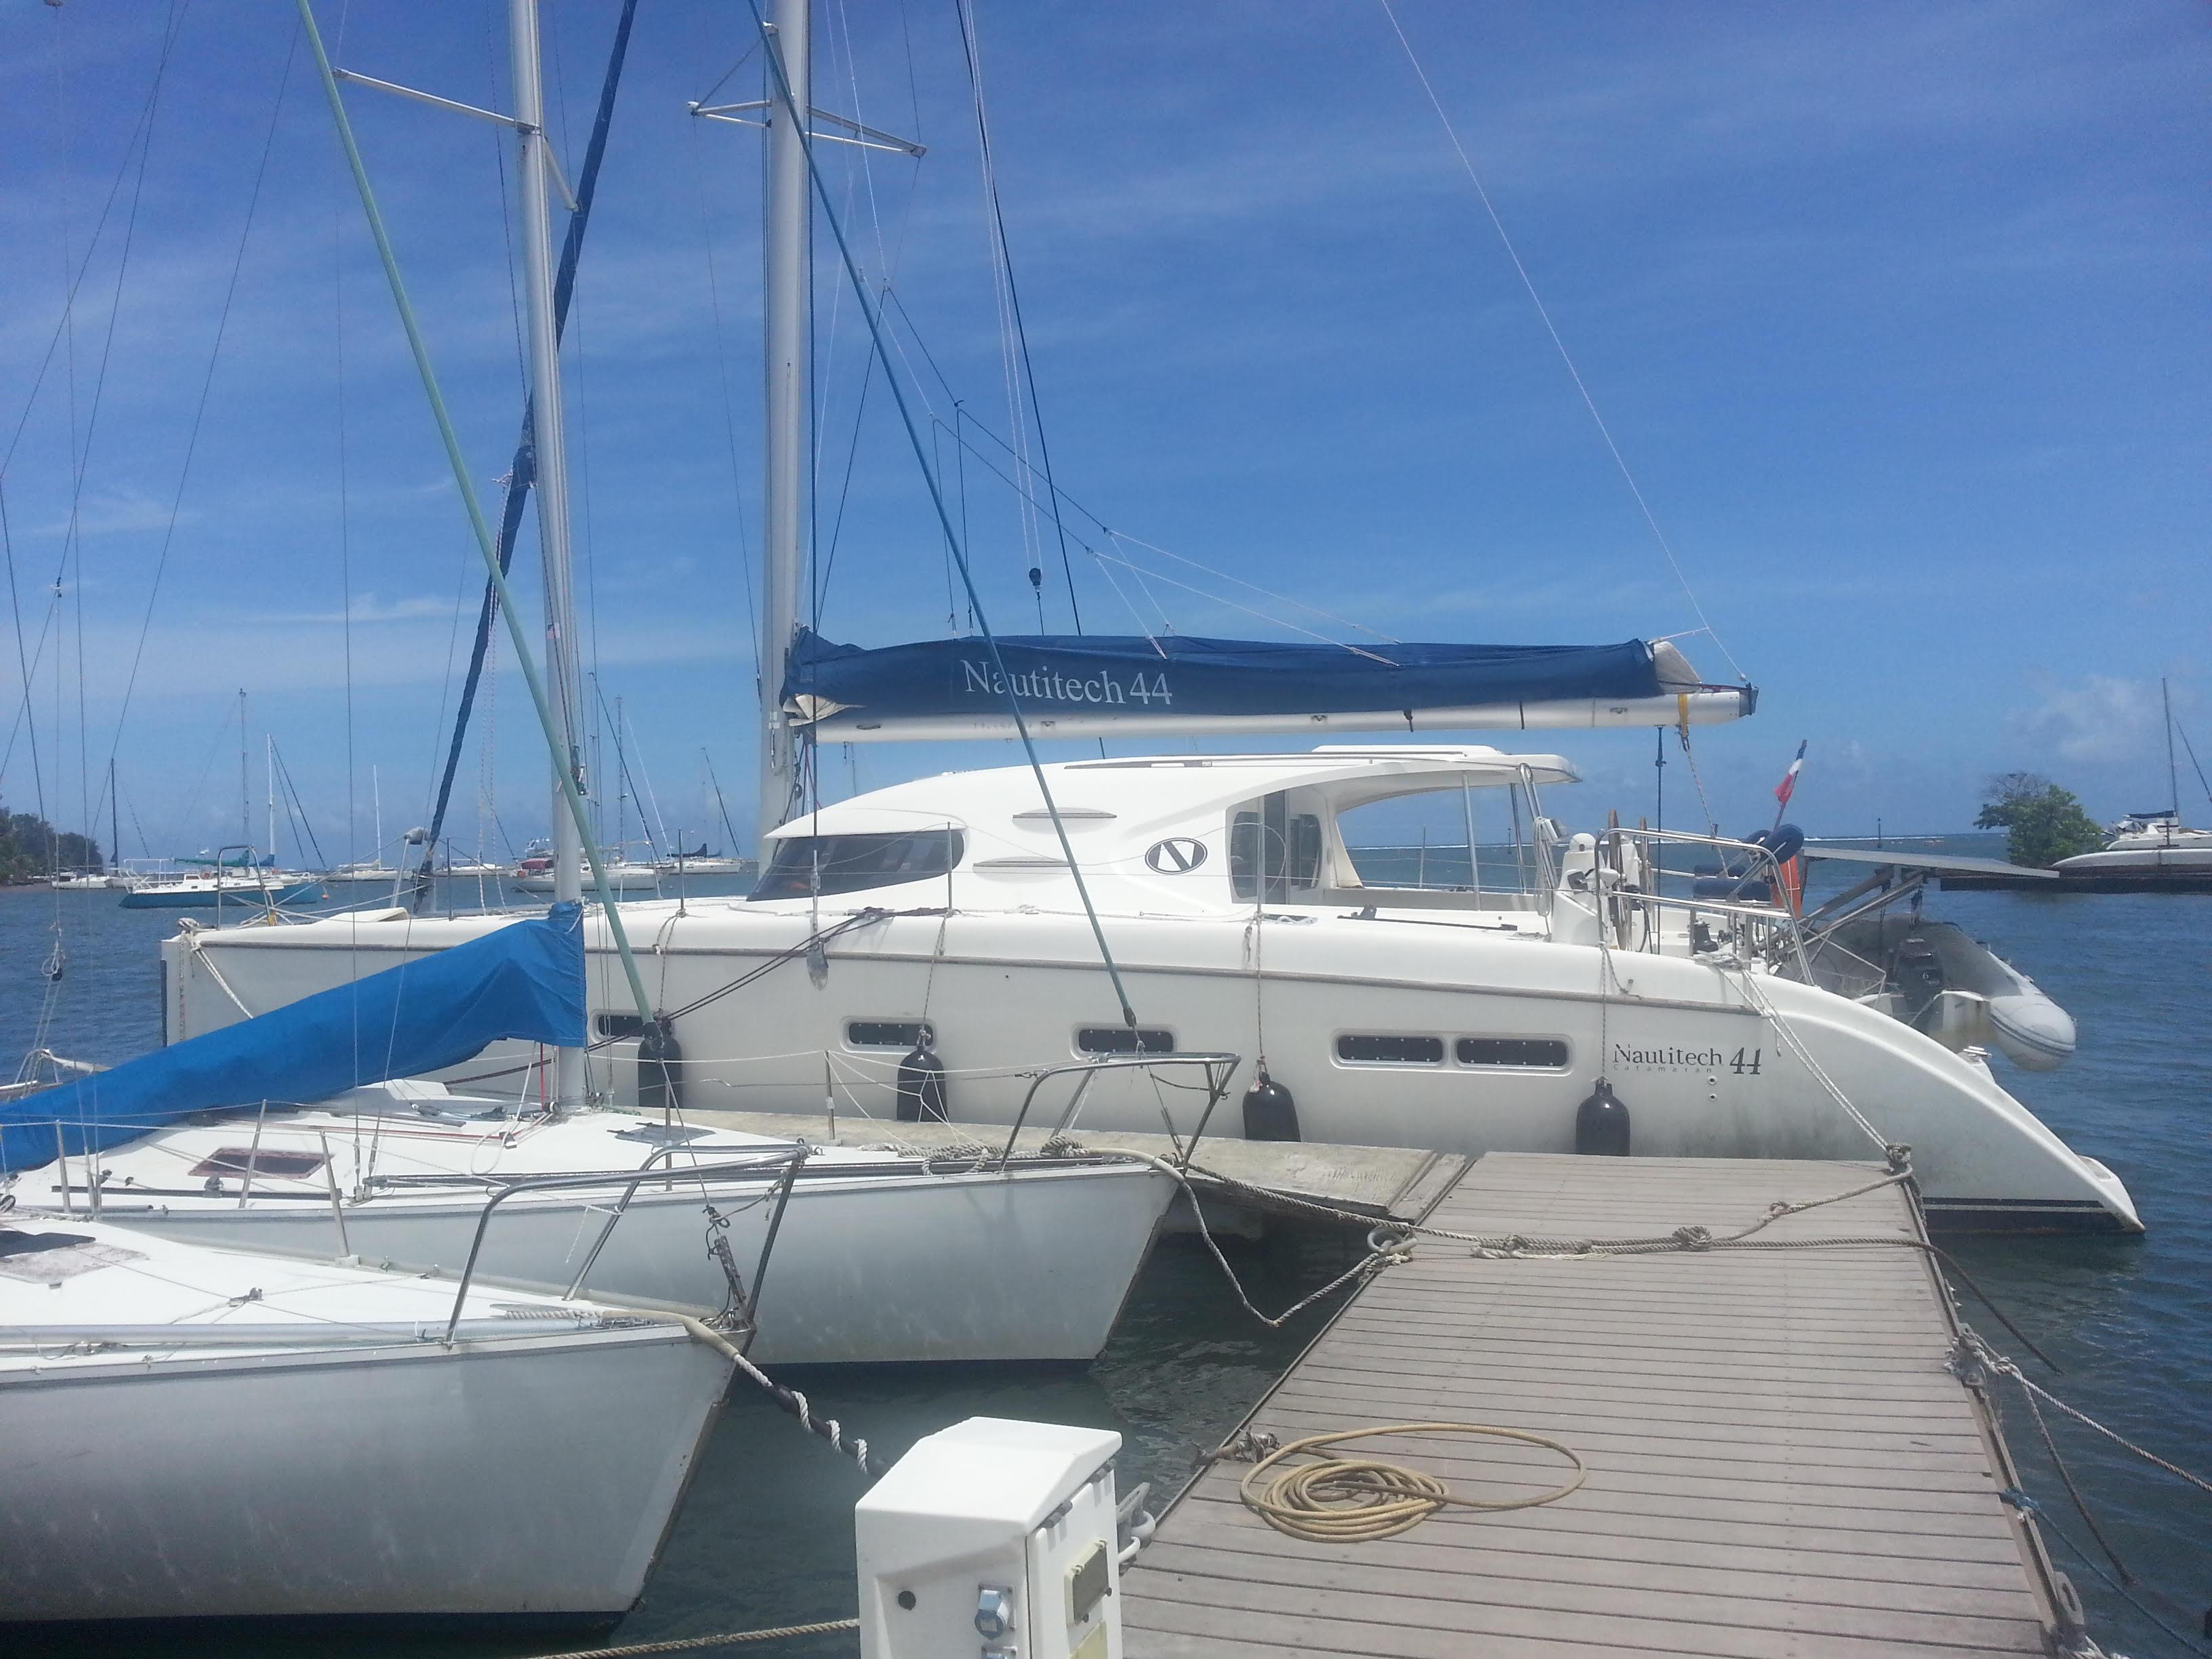 Trafic de cocaïne : après le voilier aux Marquises, un catamaran à Arue (Màj)